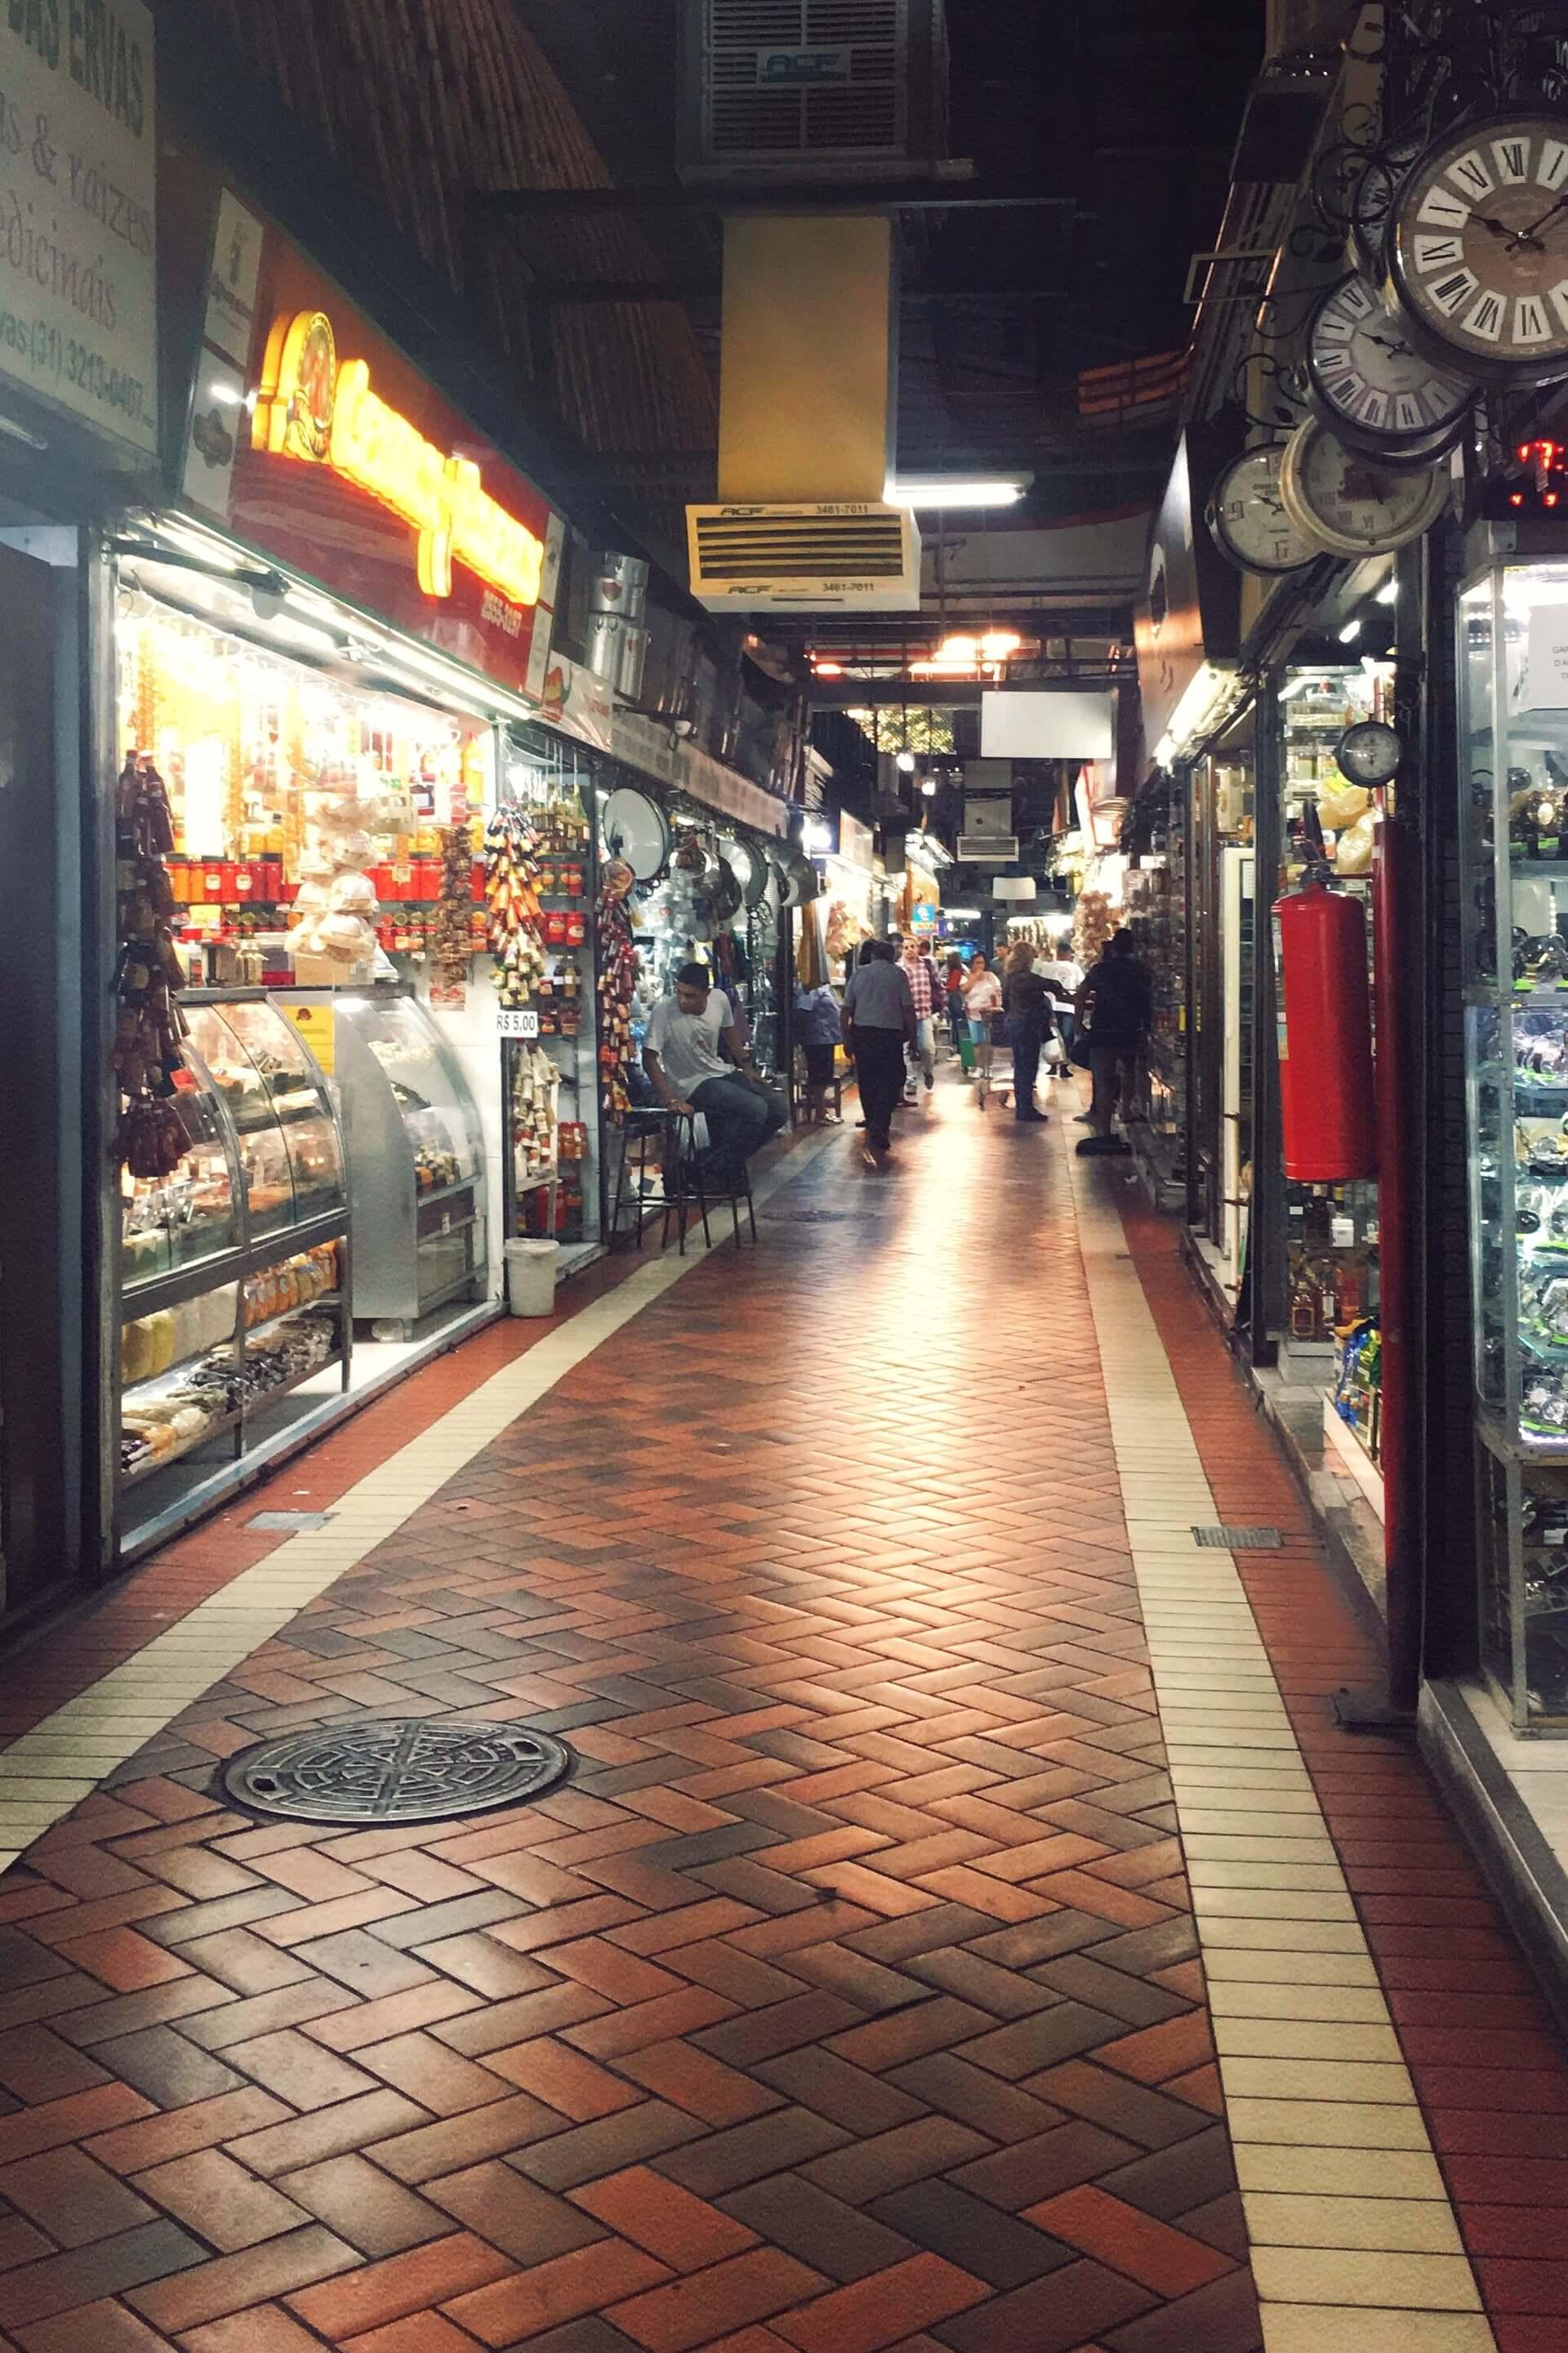 Imagem: O mercado central é ponto obrigatório para quem visita BH. Assim como a maioria dos mercados públicos, lá existe desde insumos até a comida pronta. Imagem: acervo pessoal Amanda Tiedt.